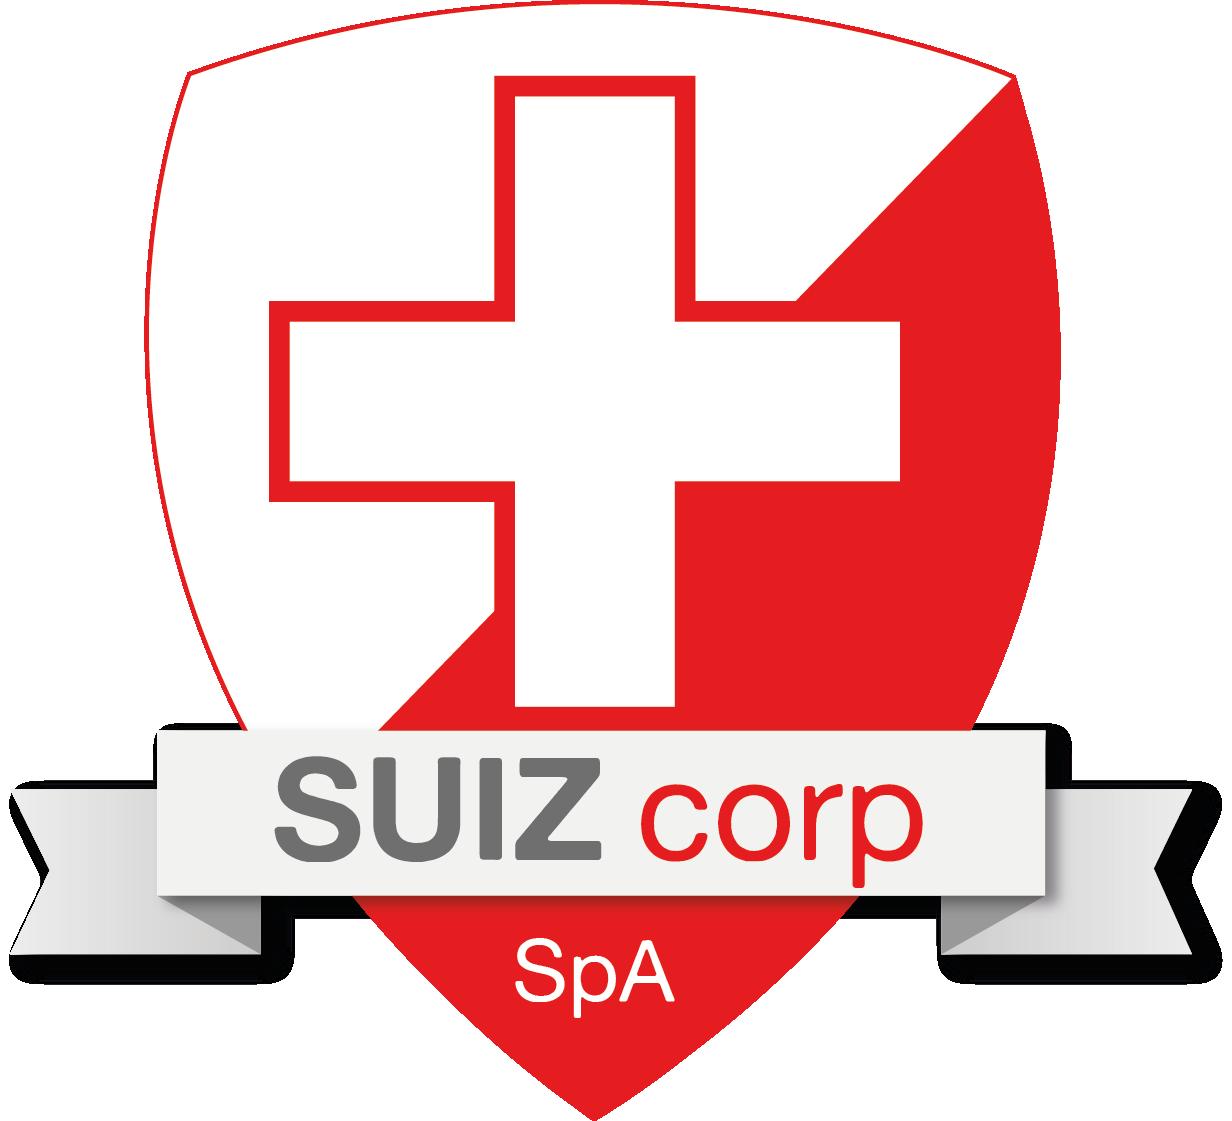 SuizCorp